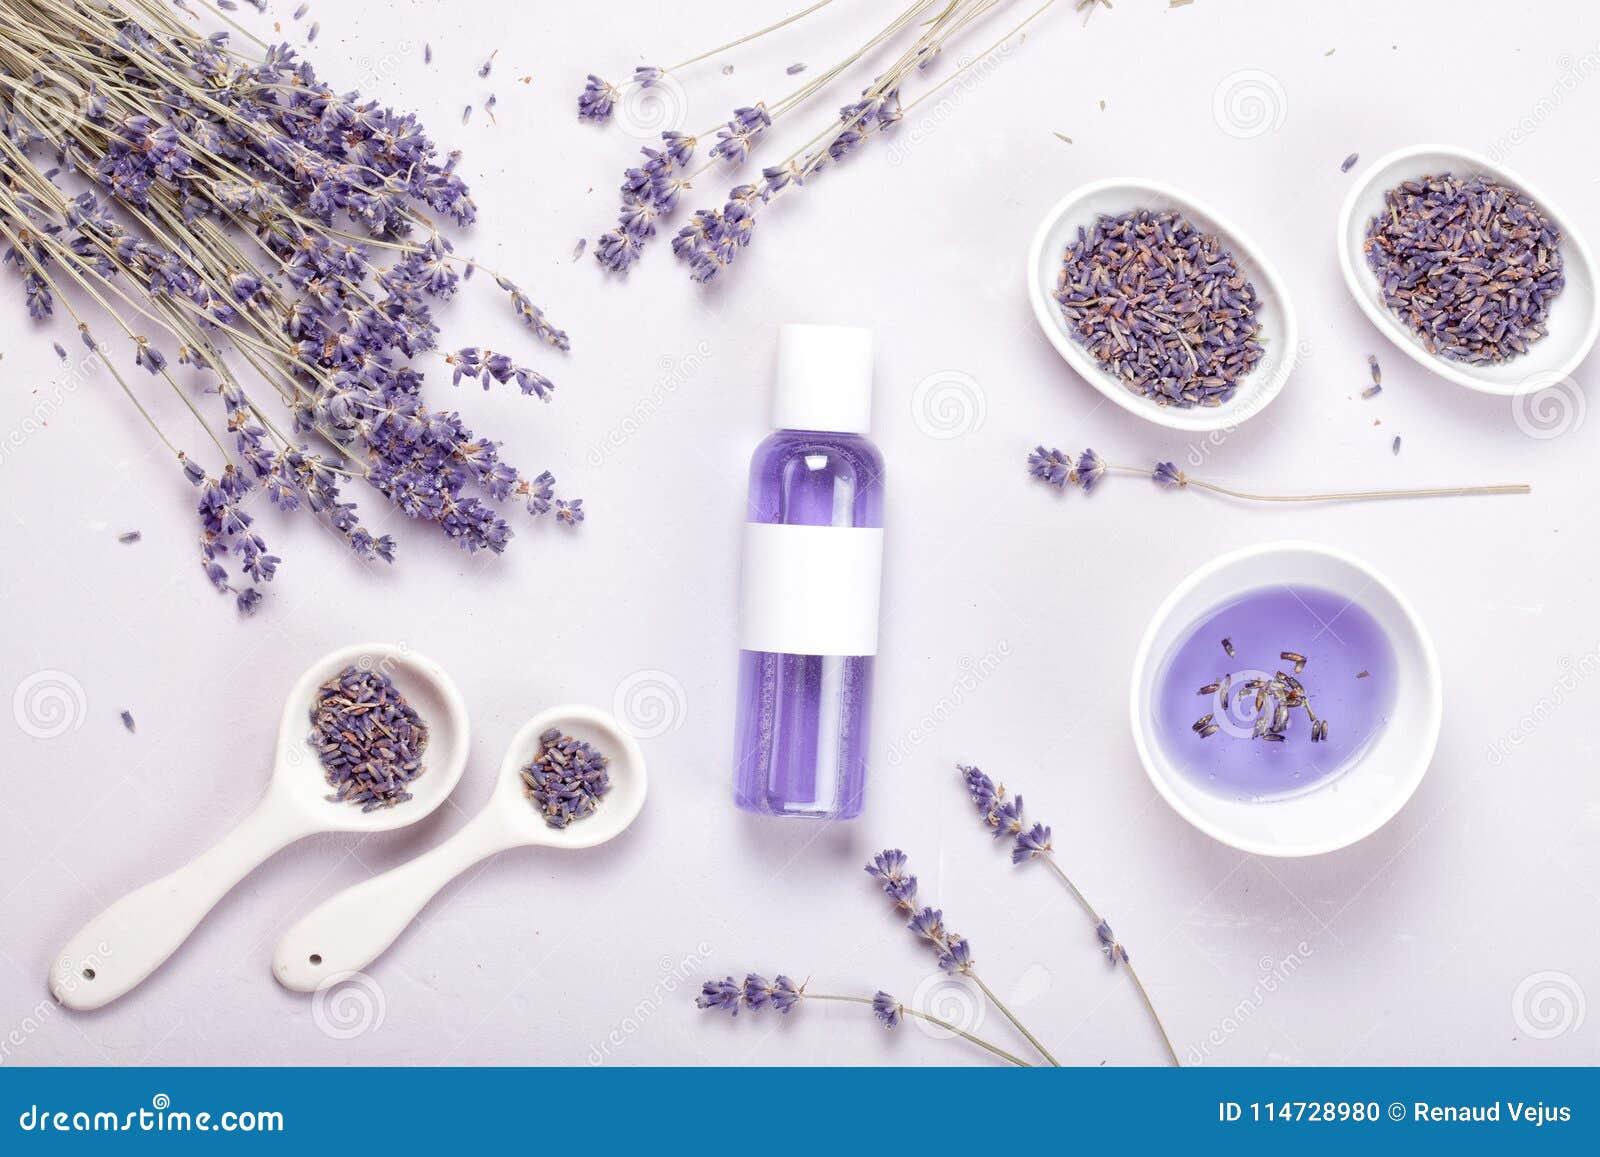 De producten van de lavendellichaamsverzorging Aromatherapy en natuurlijk gezondheidszorgconcept